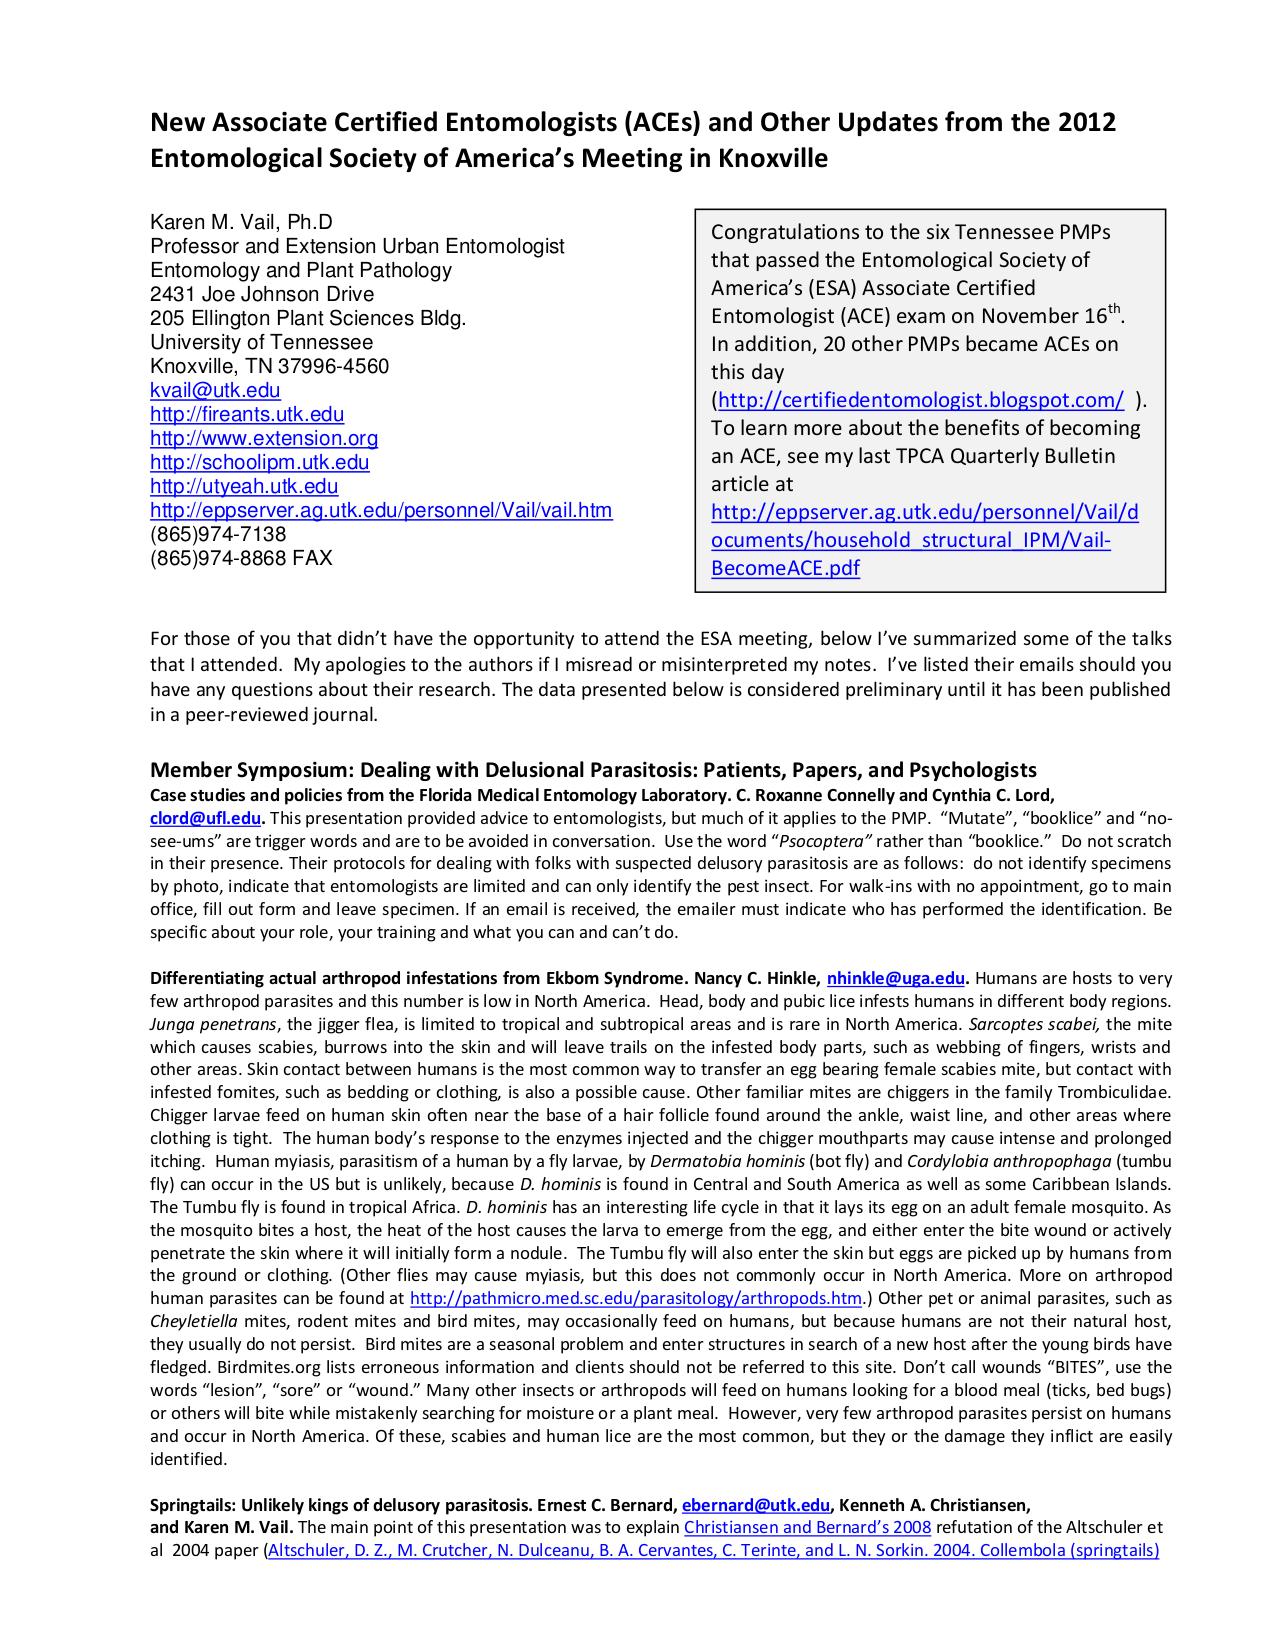 pdf for Jiffy Vacuum J-4000DM manual